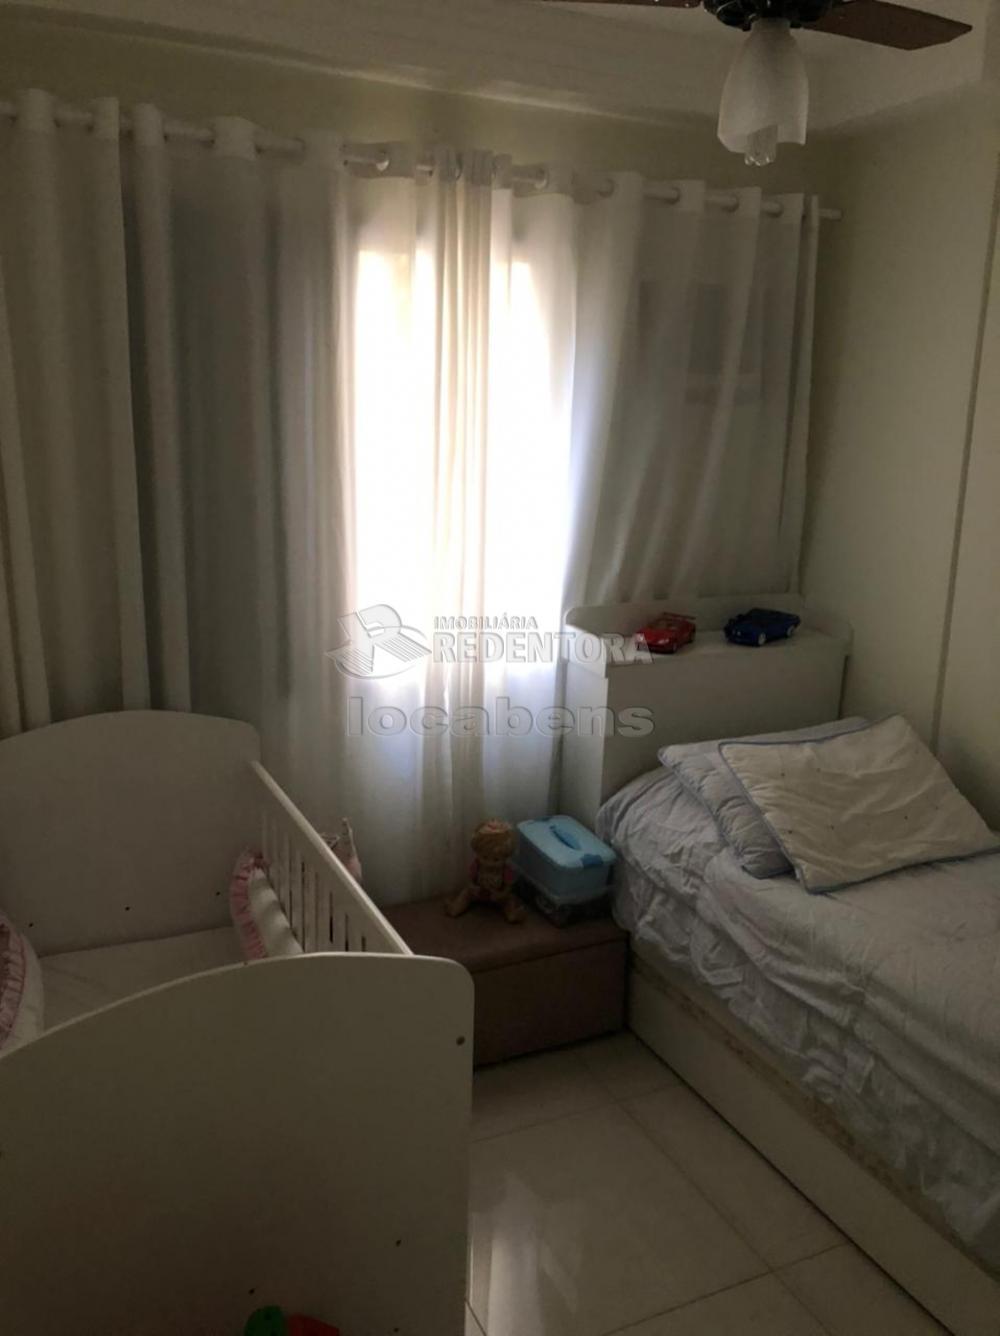 Comprar Apartamento / Padrão em São José do Rio Preto apenas R$ 270.000,00 - Foto 11